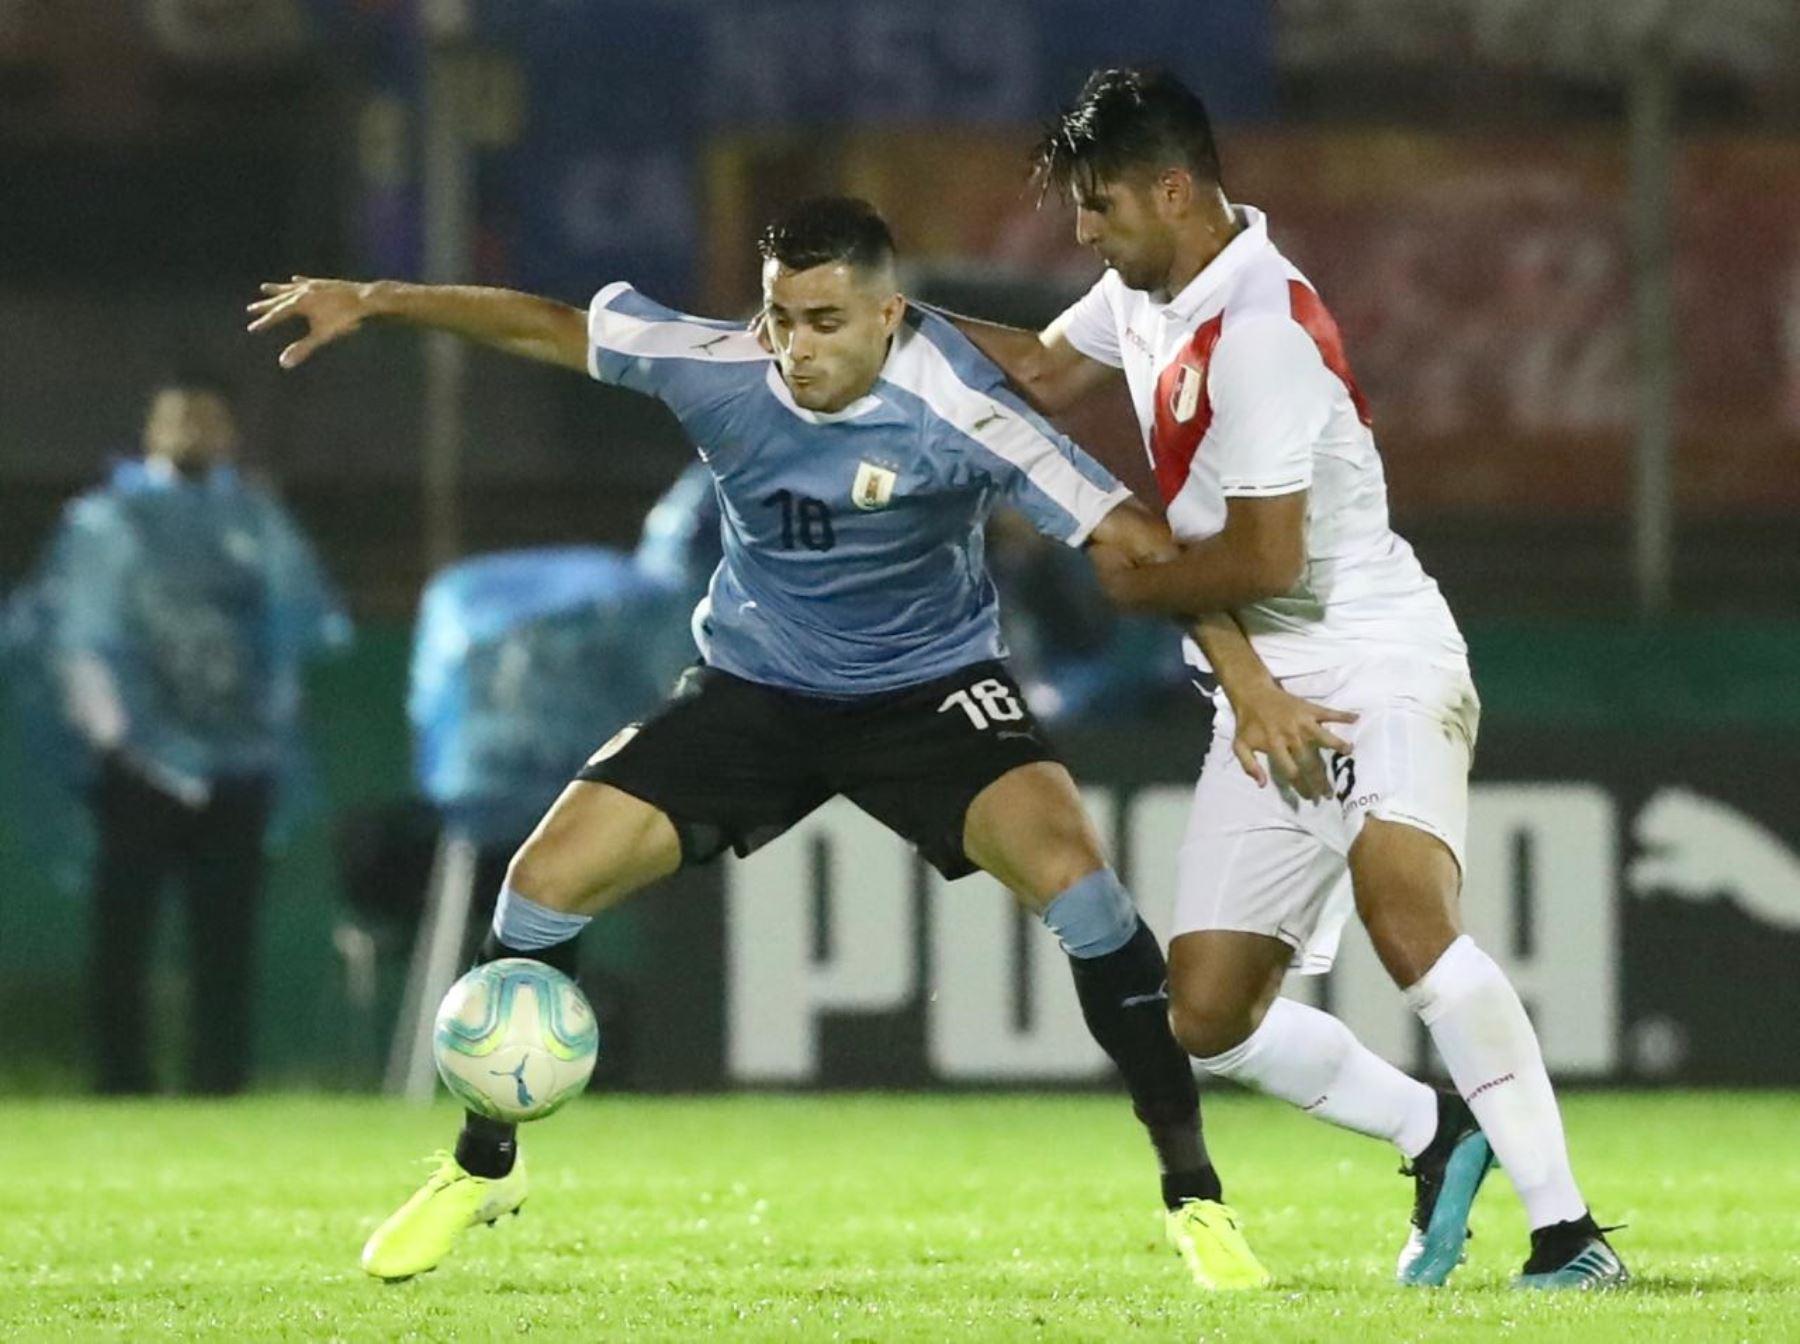 Maxi Gomez de Uruguay intenta proteger el balón ante marca del defensor peruano Carlos Zambrano. Foto: FPF